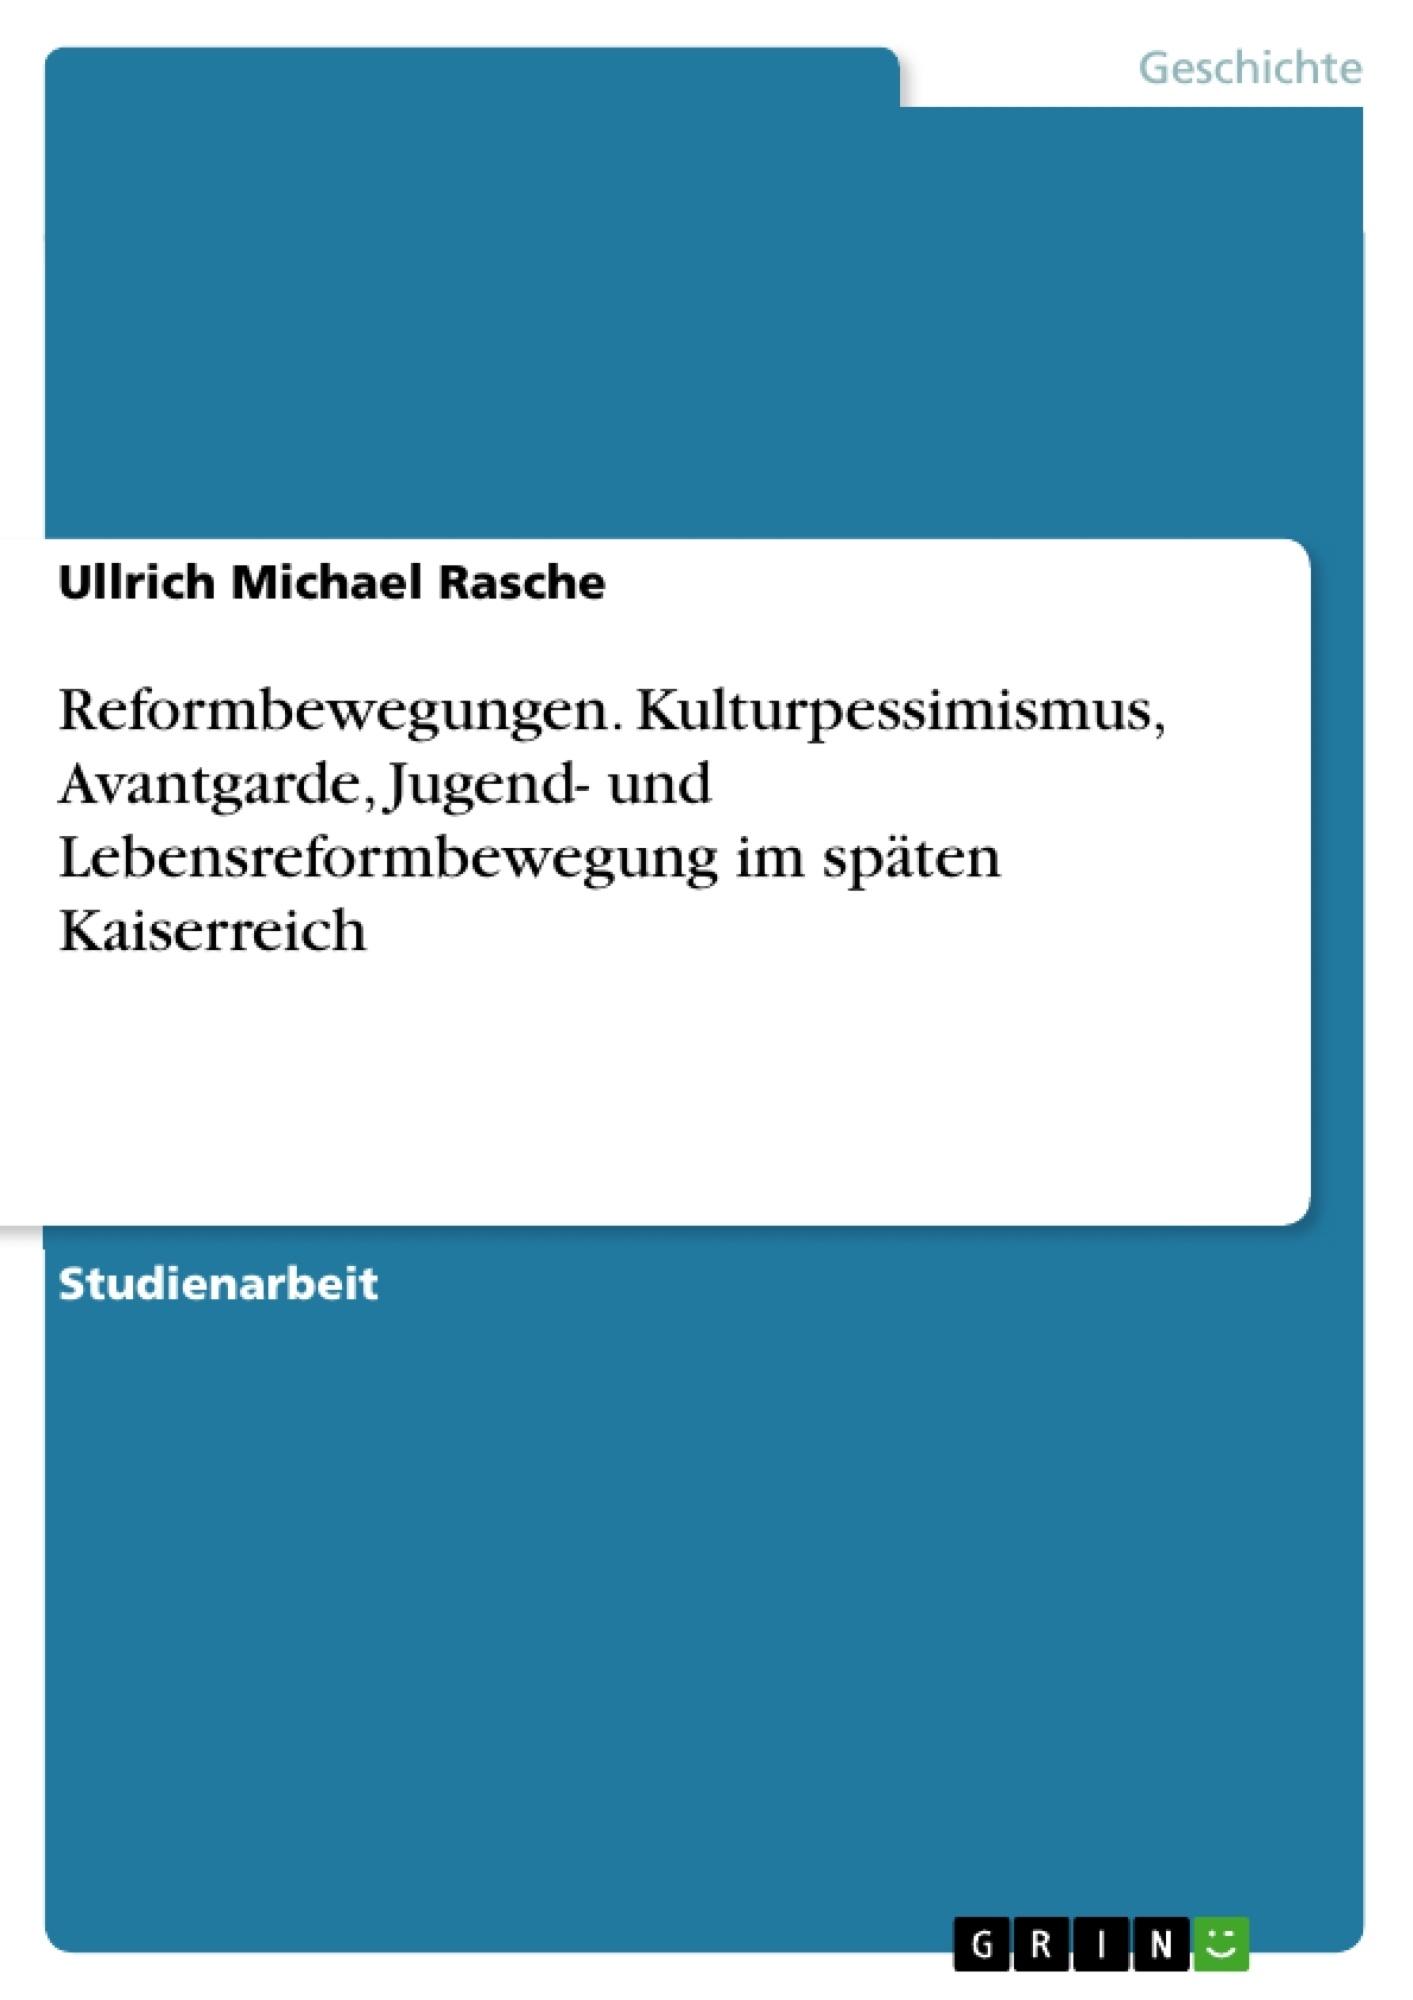 Titel: Reformbewegungen. Kulturpessimismus, Avantgarde, Jugend- und Lebensreformbewegung im späten Kaiserreich